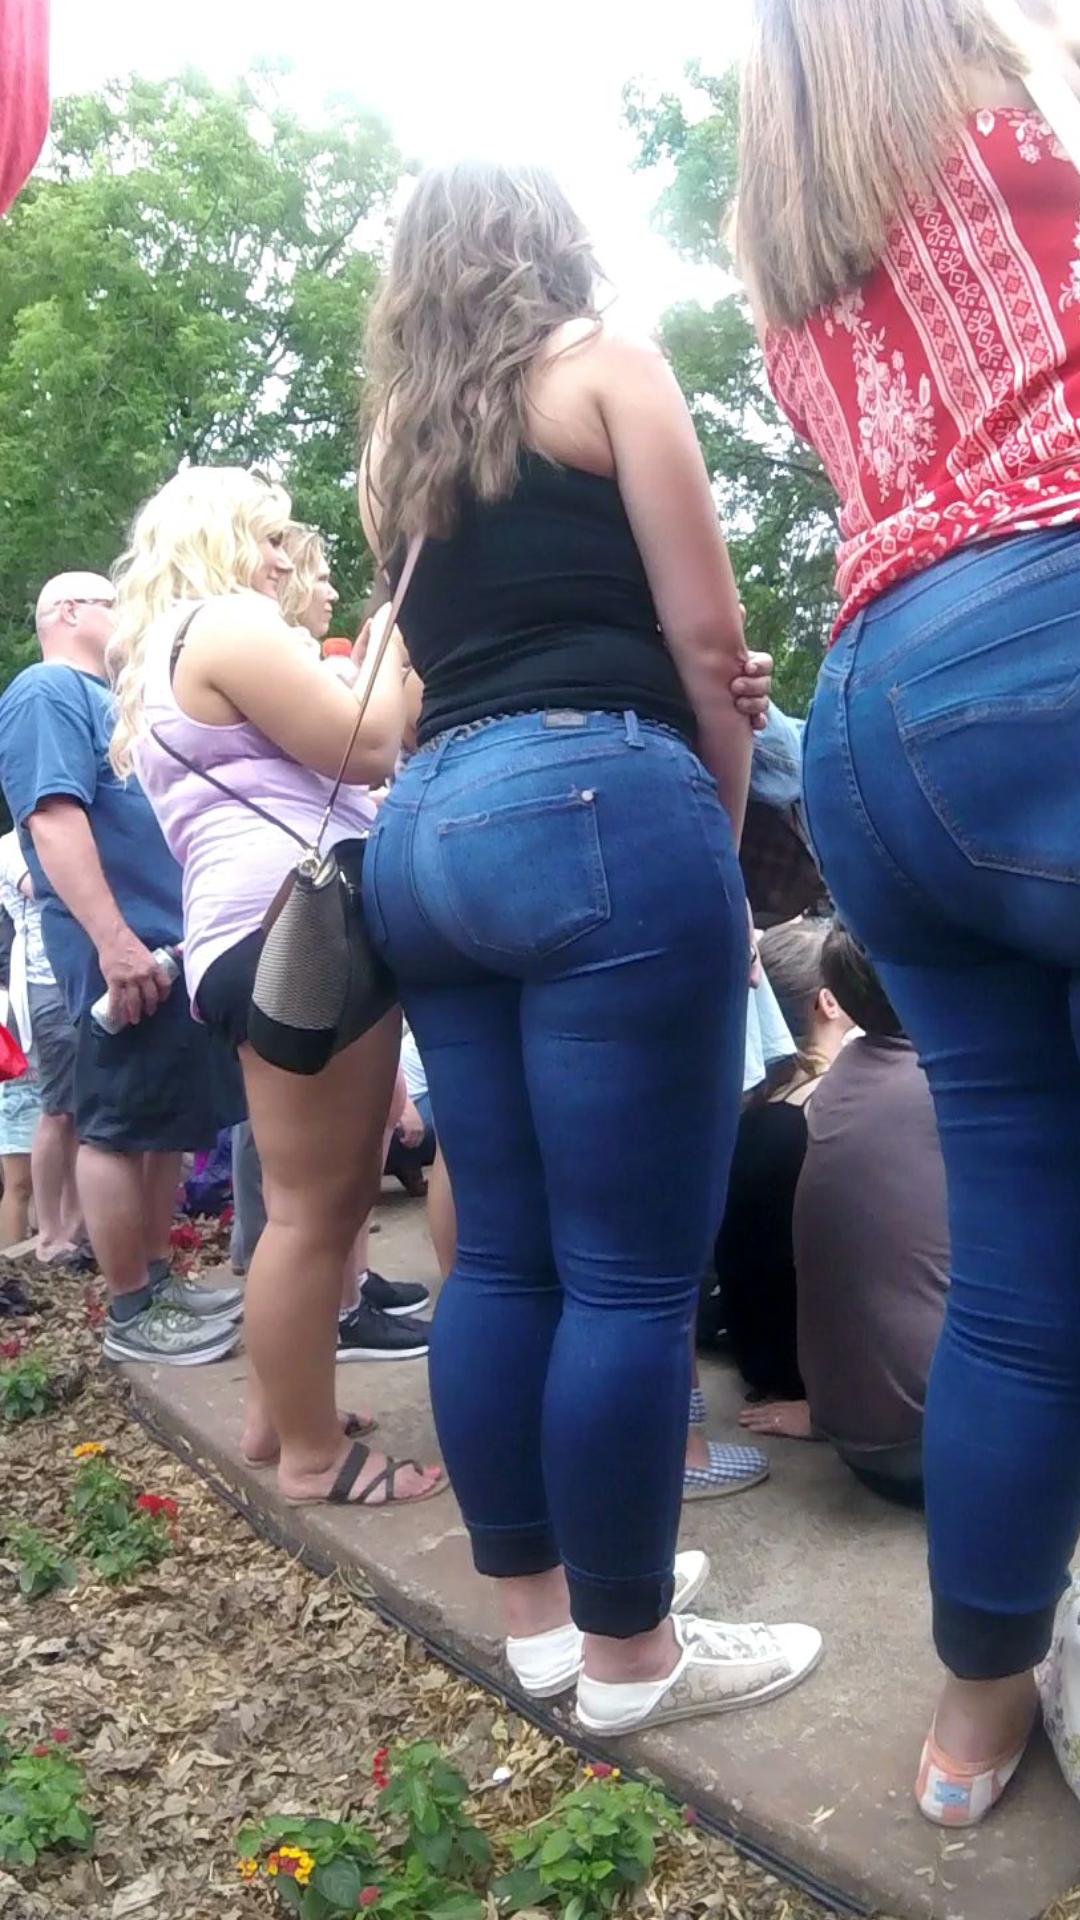 Wide butt pawg milf in jeans